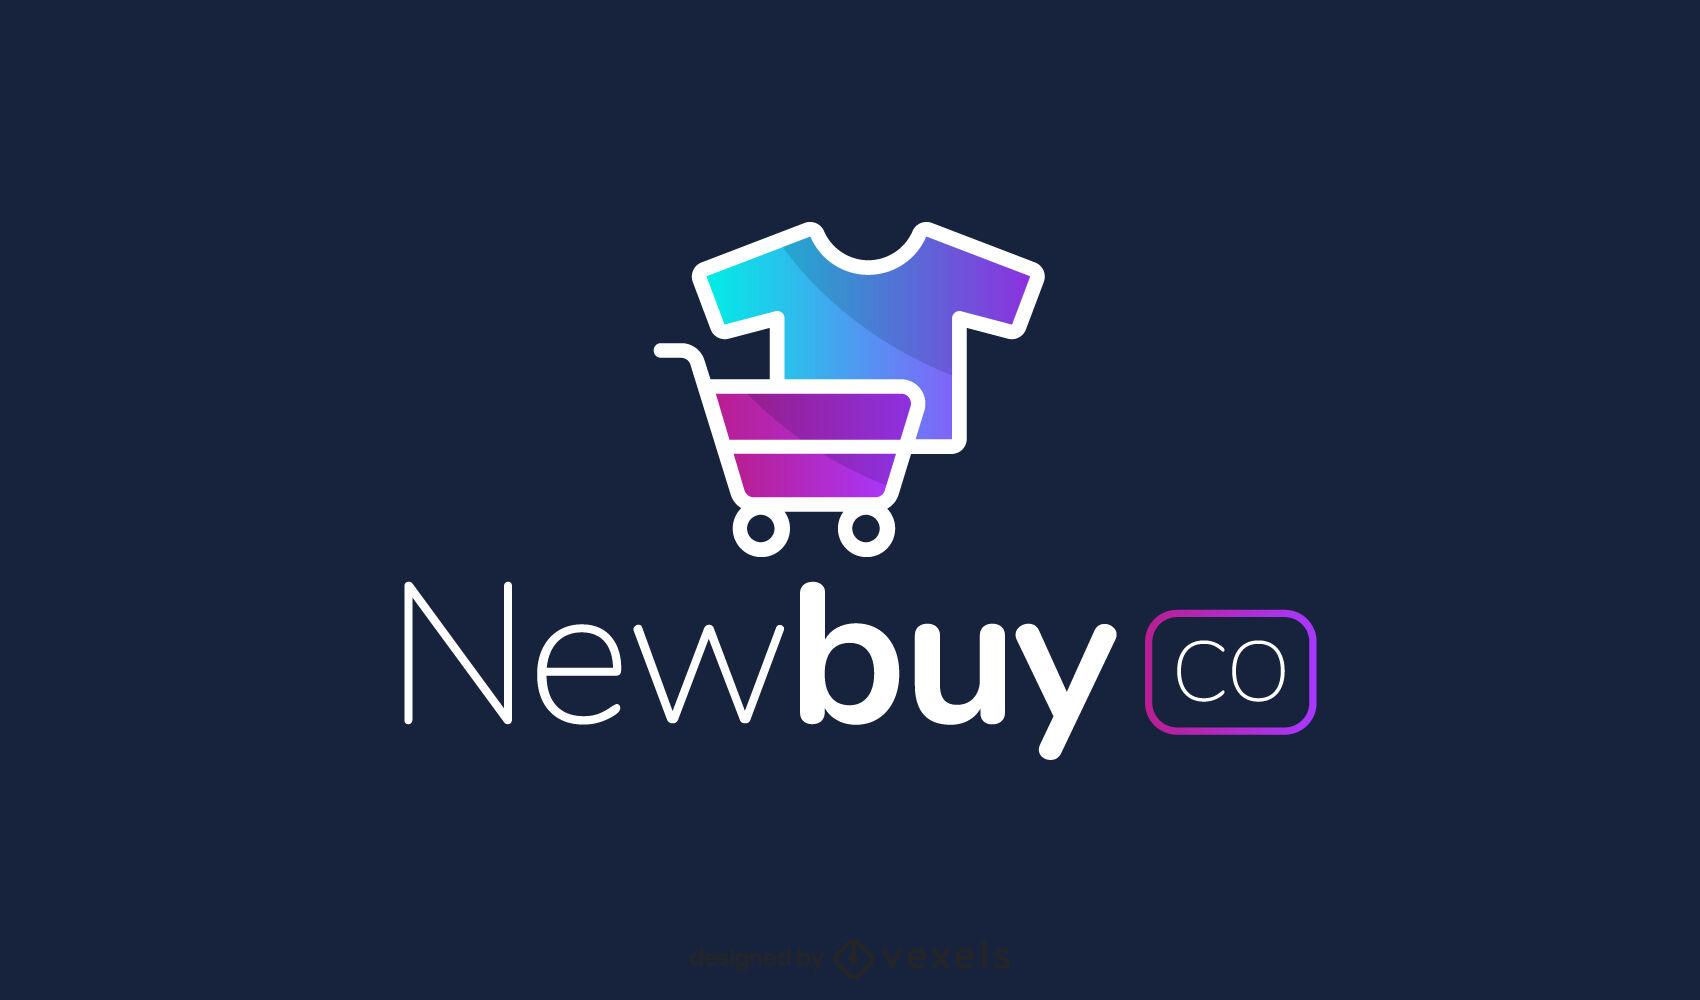 Logo-Design mit Farbverlauf